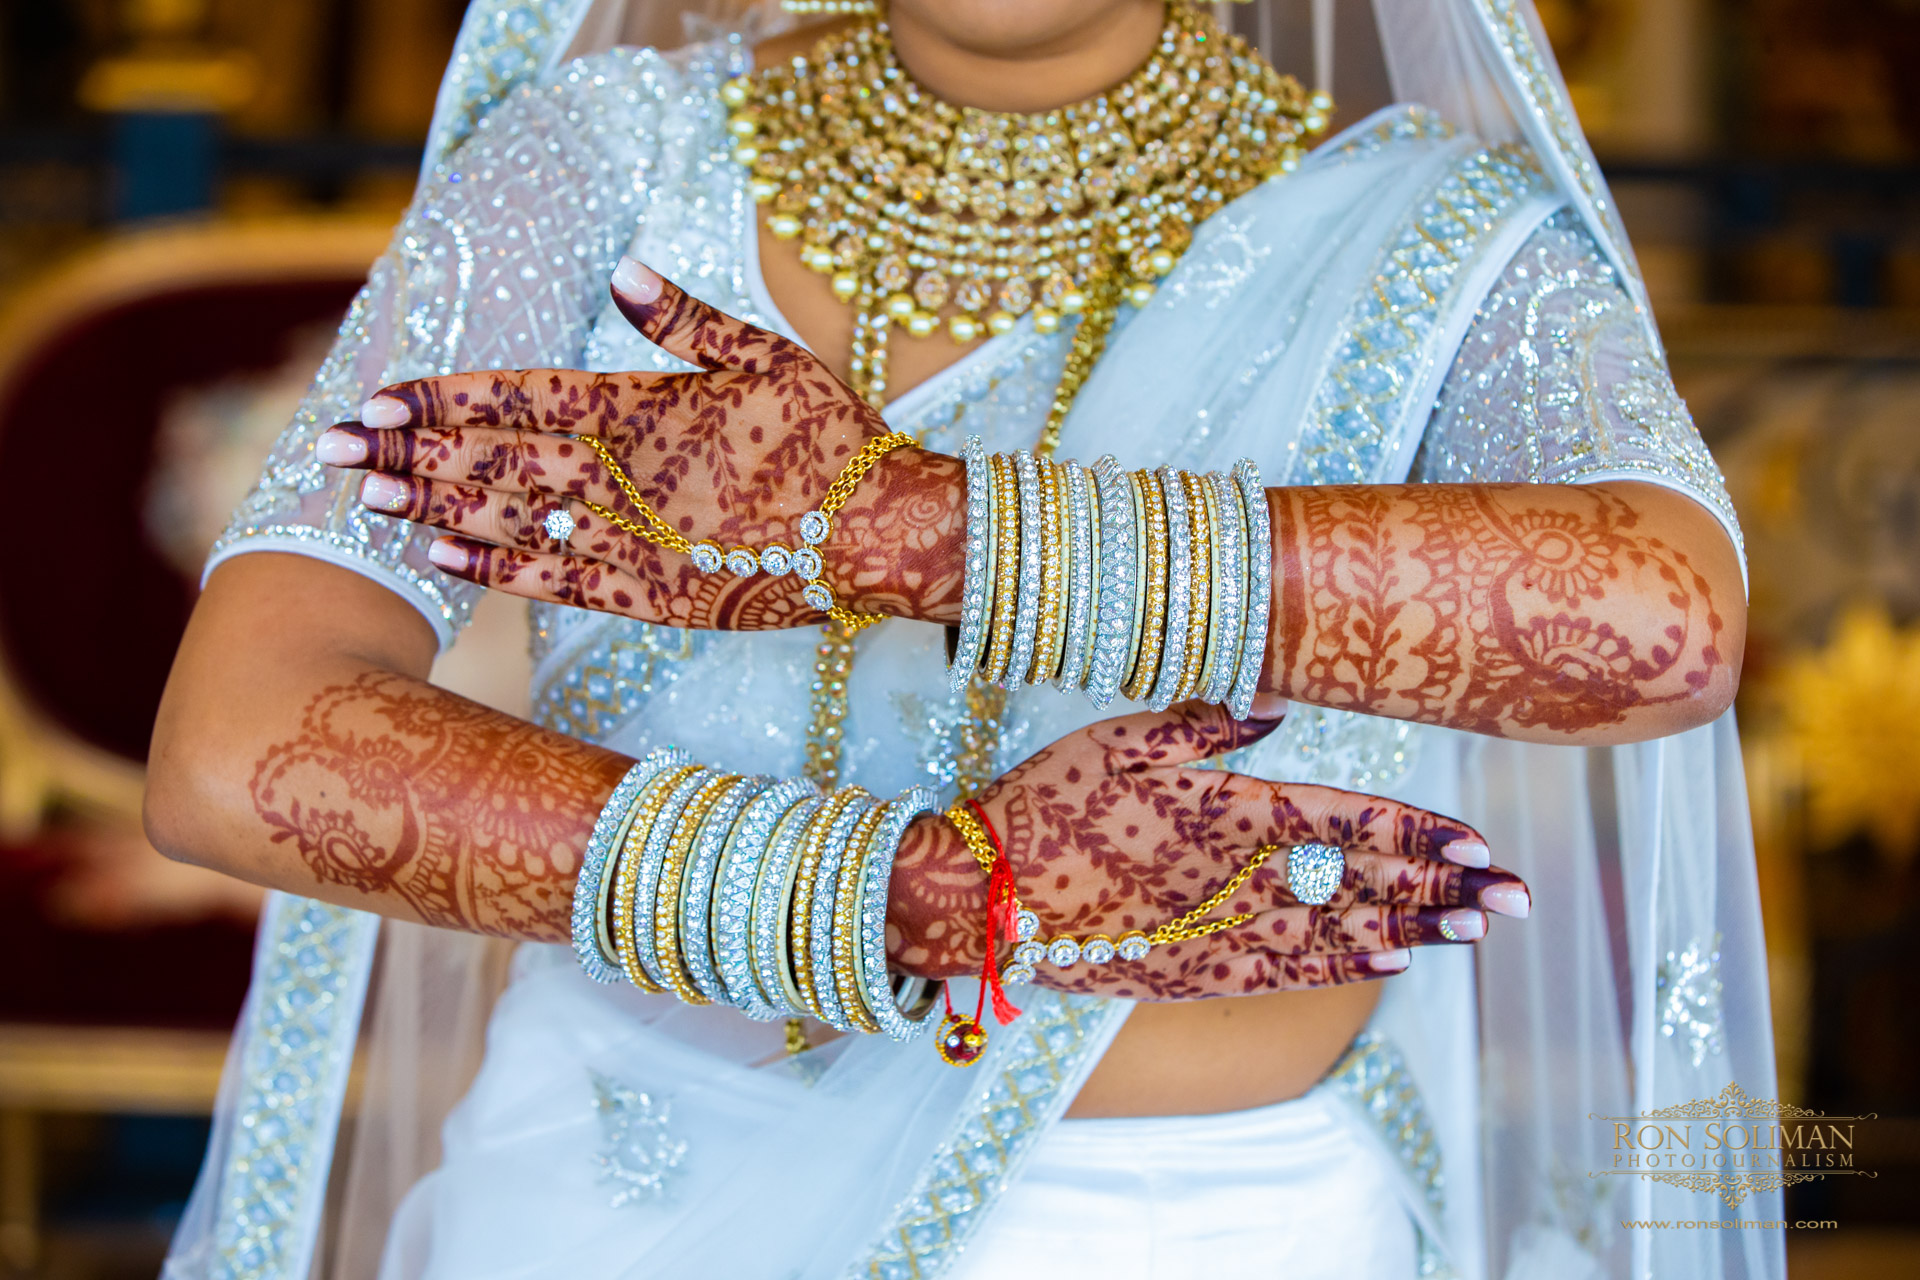 LEGACY CASTLE WEDDING 4